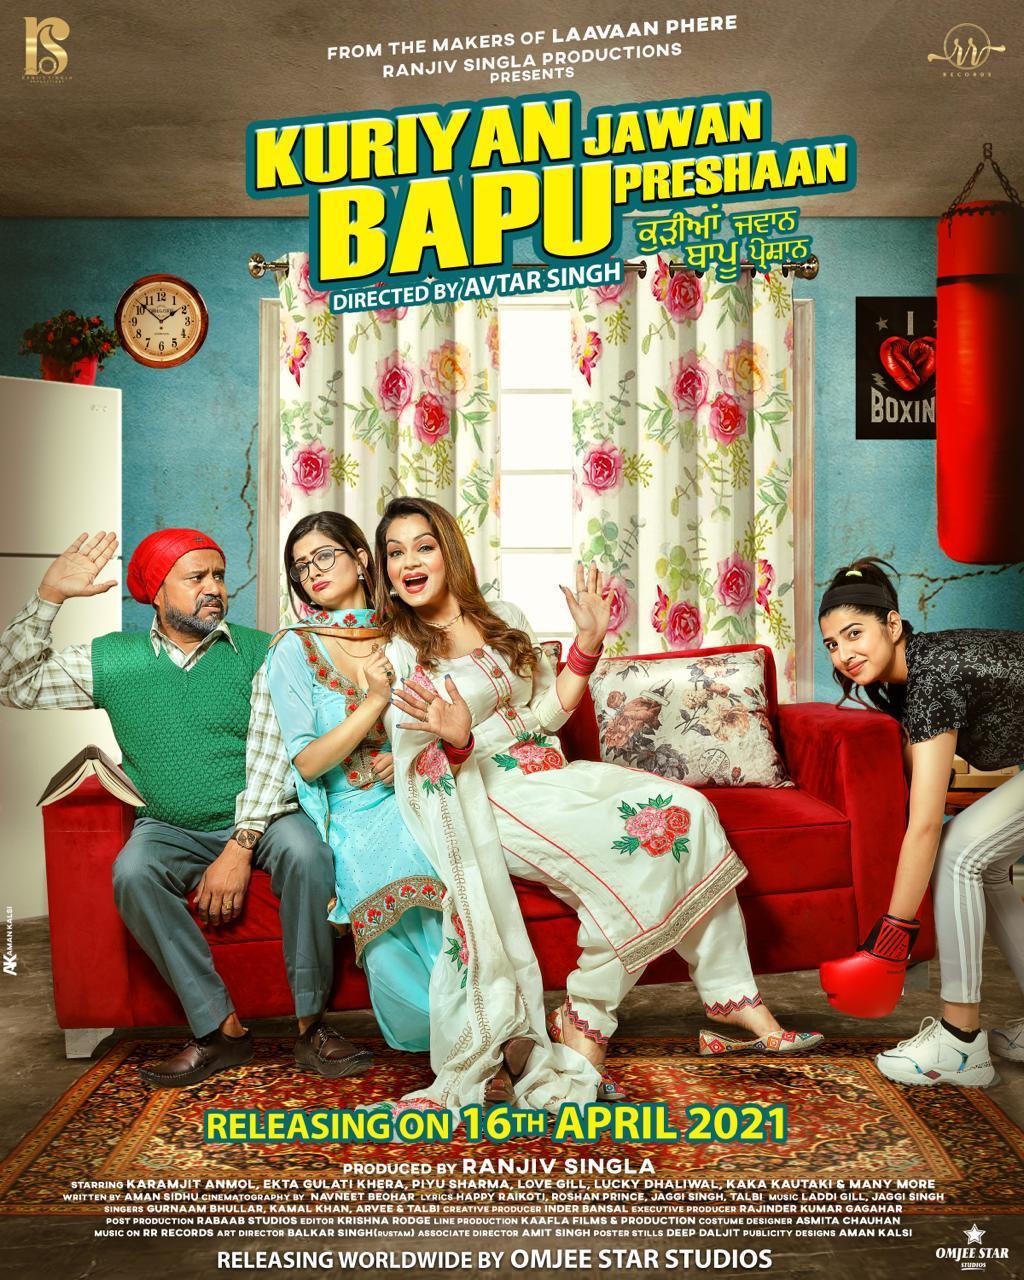 Kuriyan Jawan Bapu Preshaan (2021) Punjabi 1080p | 720p | 480p AMZN WEB-DL H.264 AAC